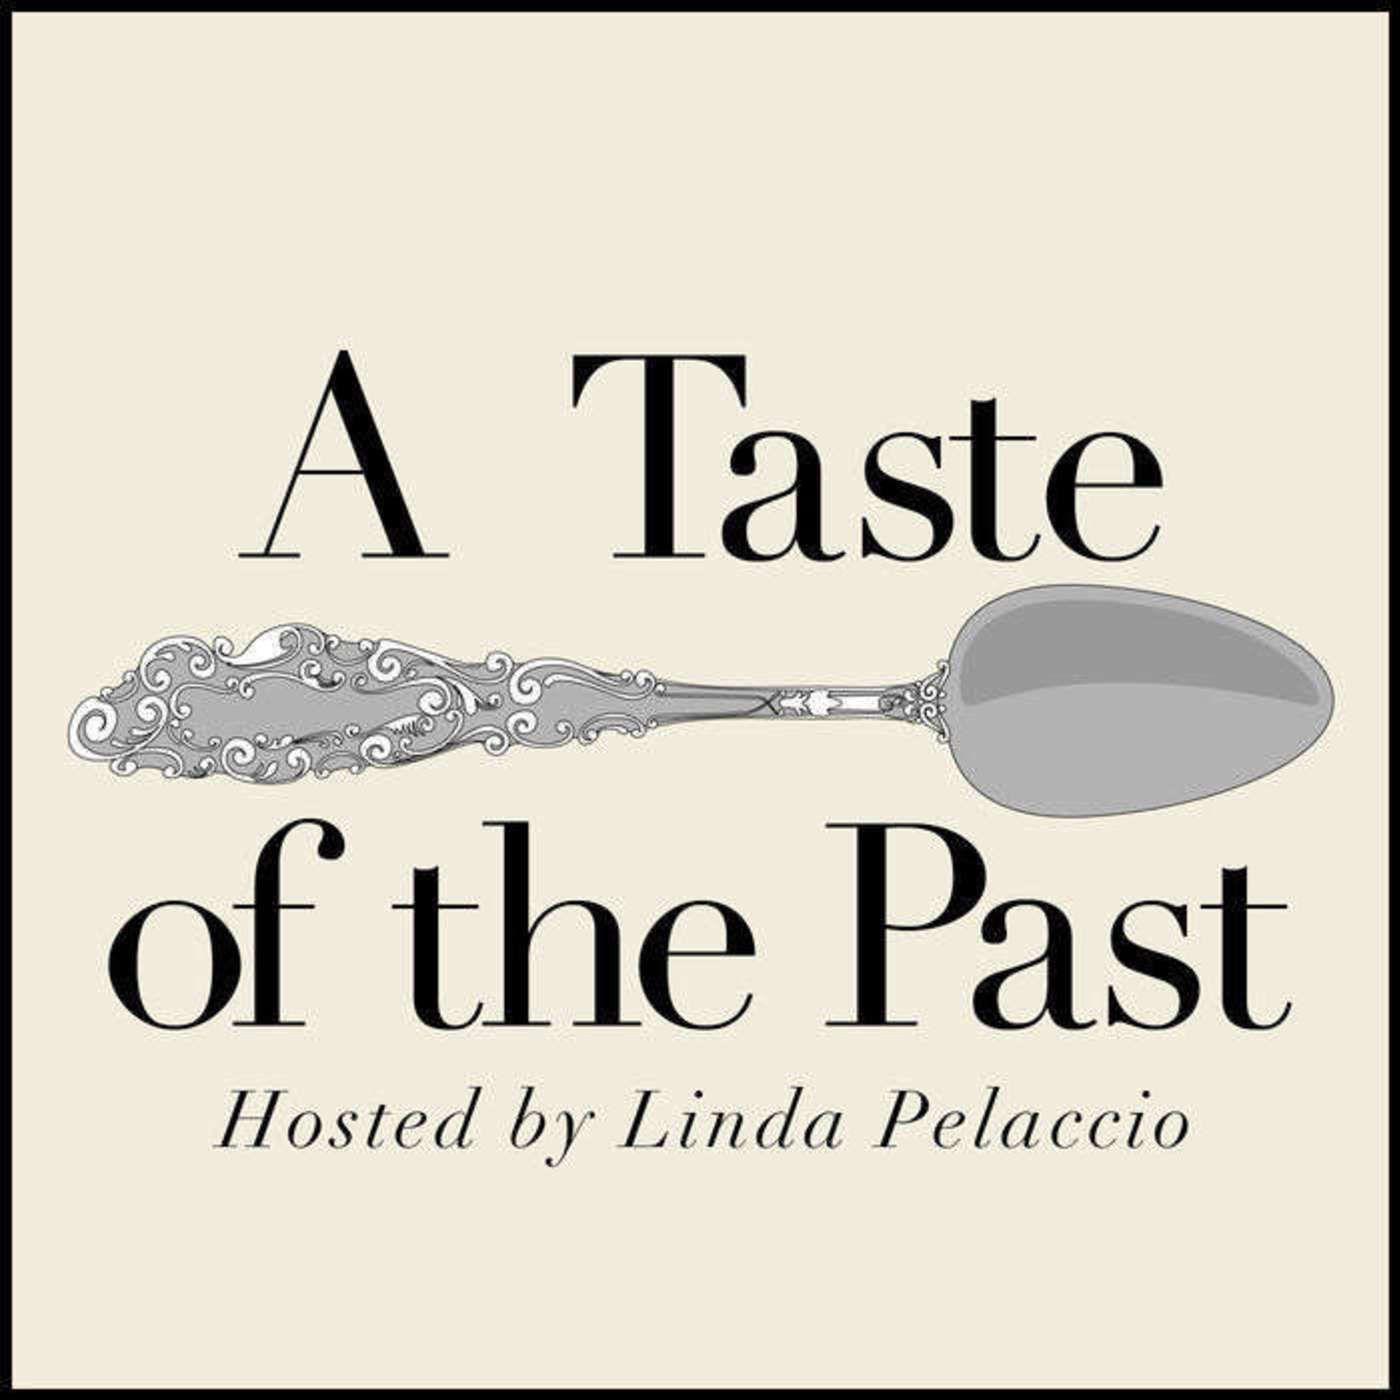 Episode 55: America's Vanished Foods